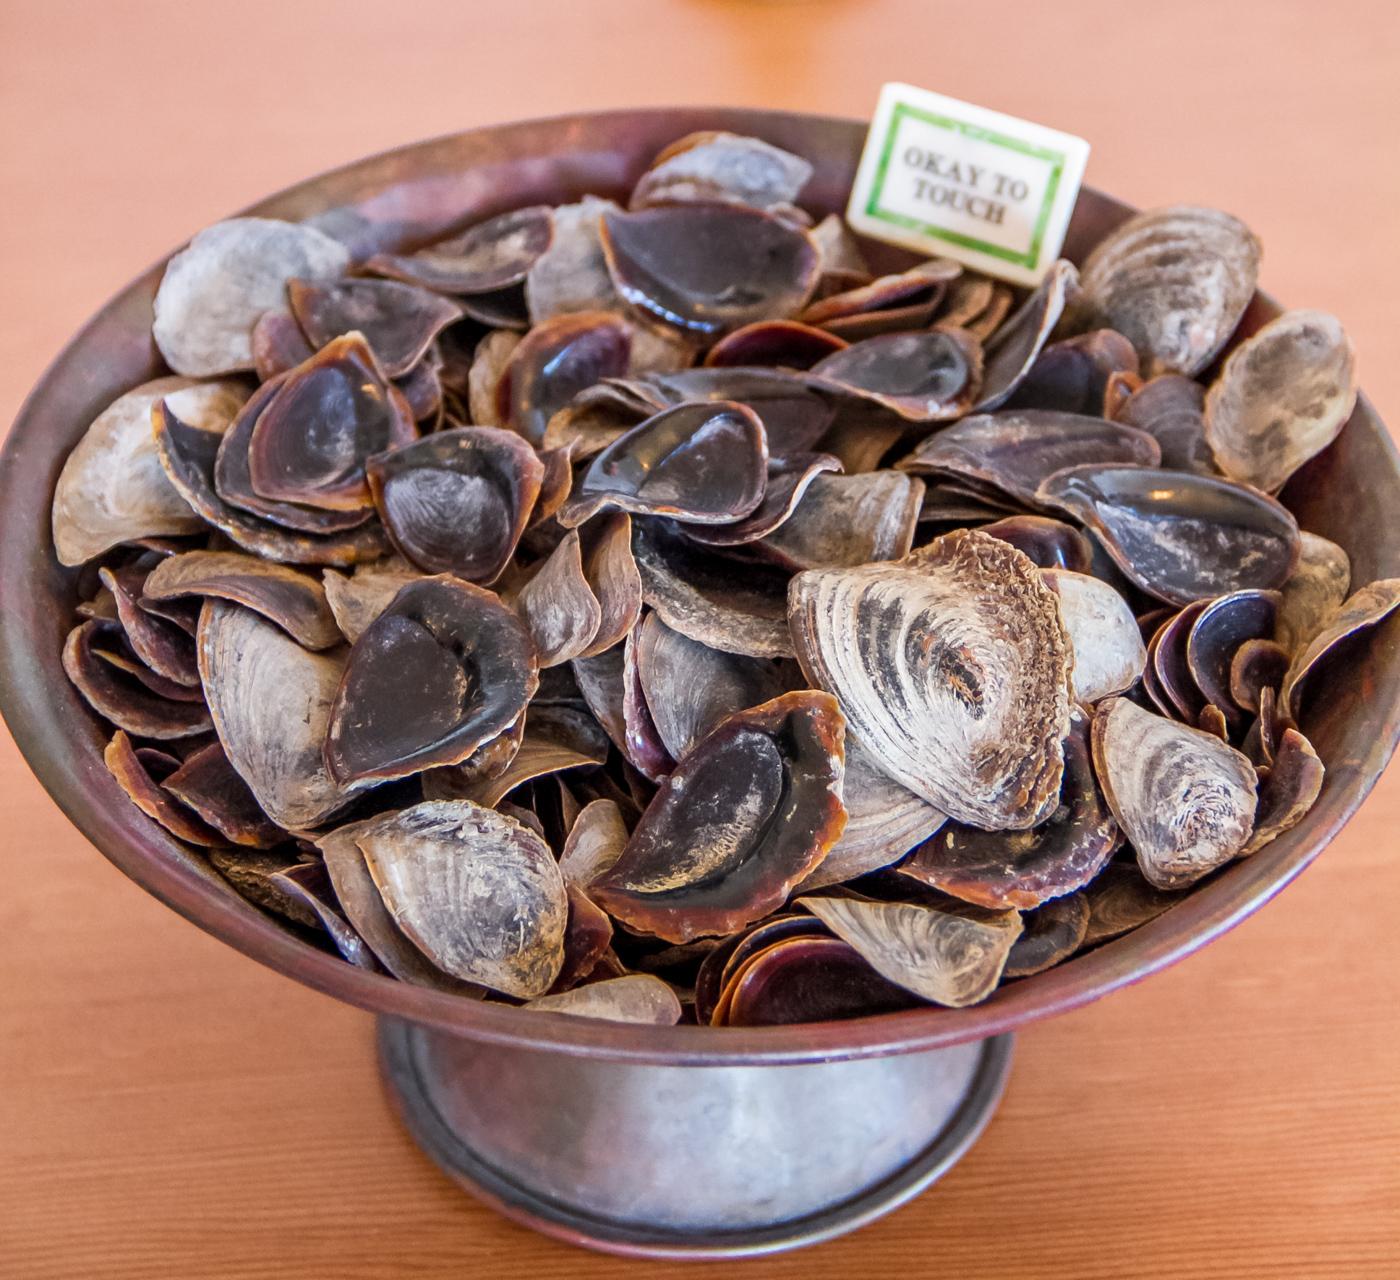 Onycha shells